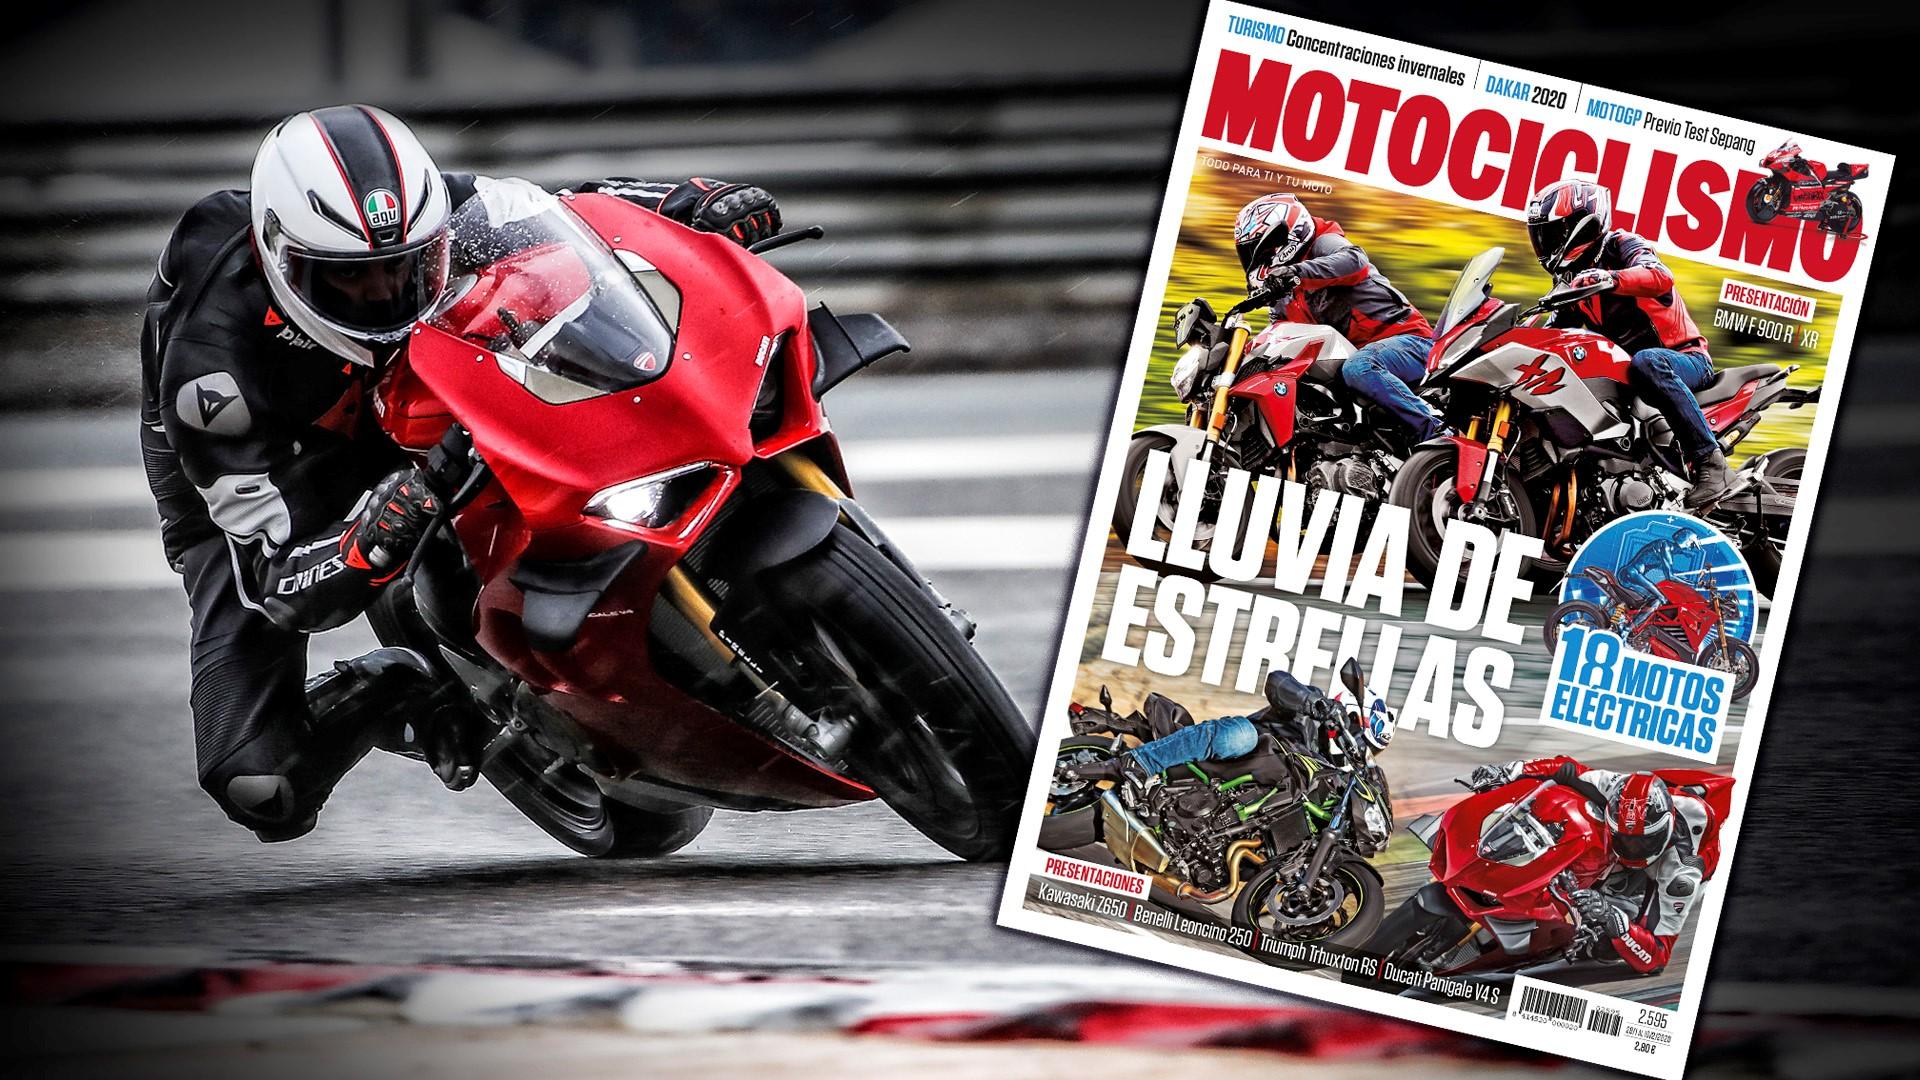 MOTOCICLISMO 2.595, contenidos y sumario de la revista